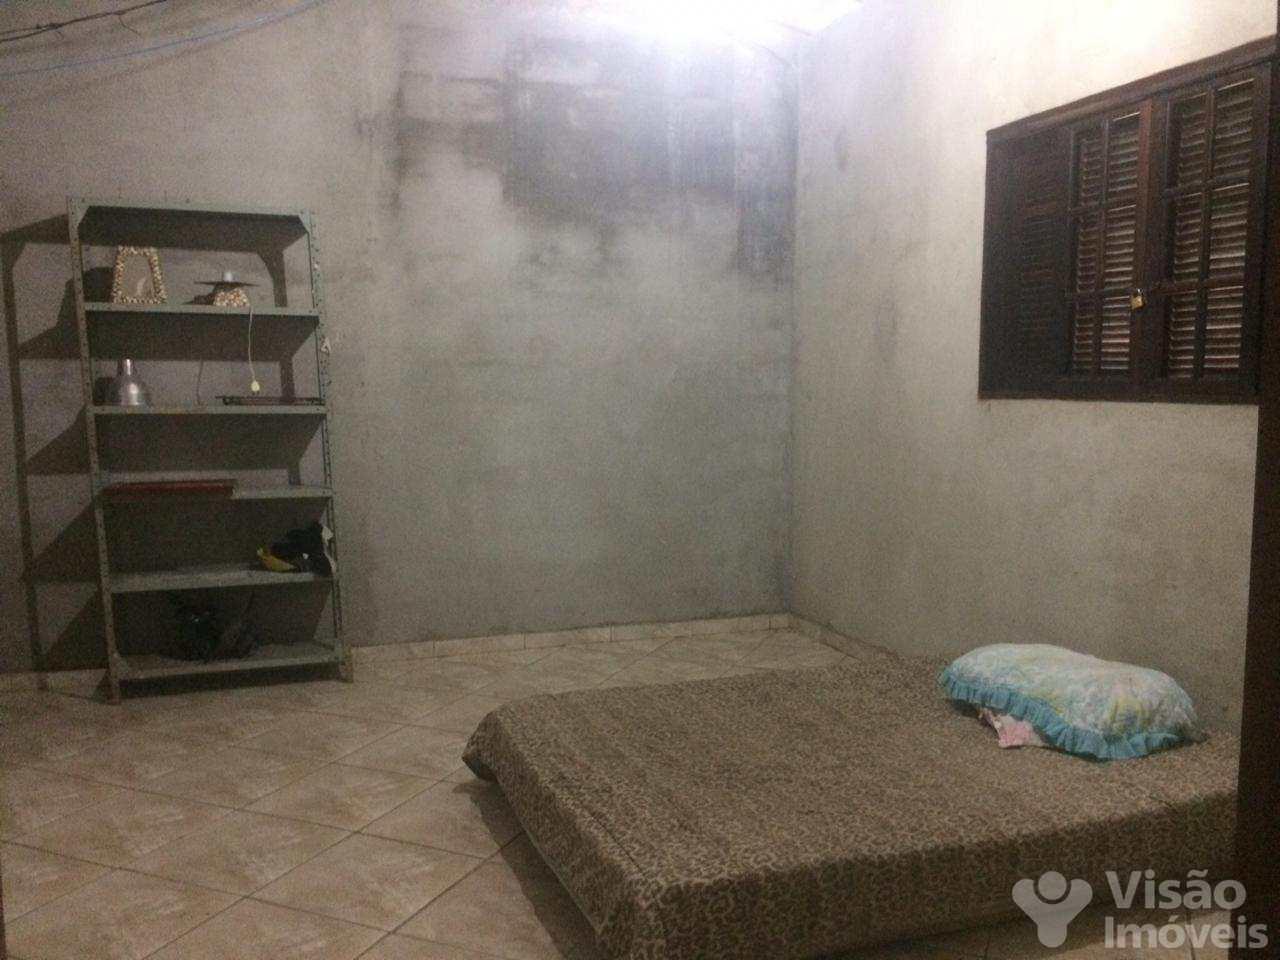 Casa com 2 dorms, Conjunto Residencial Araretama, Pindamonhangaba - R$ 650 mil, Cod: 1920003